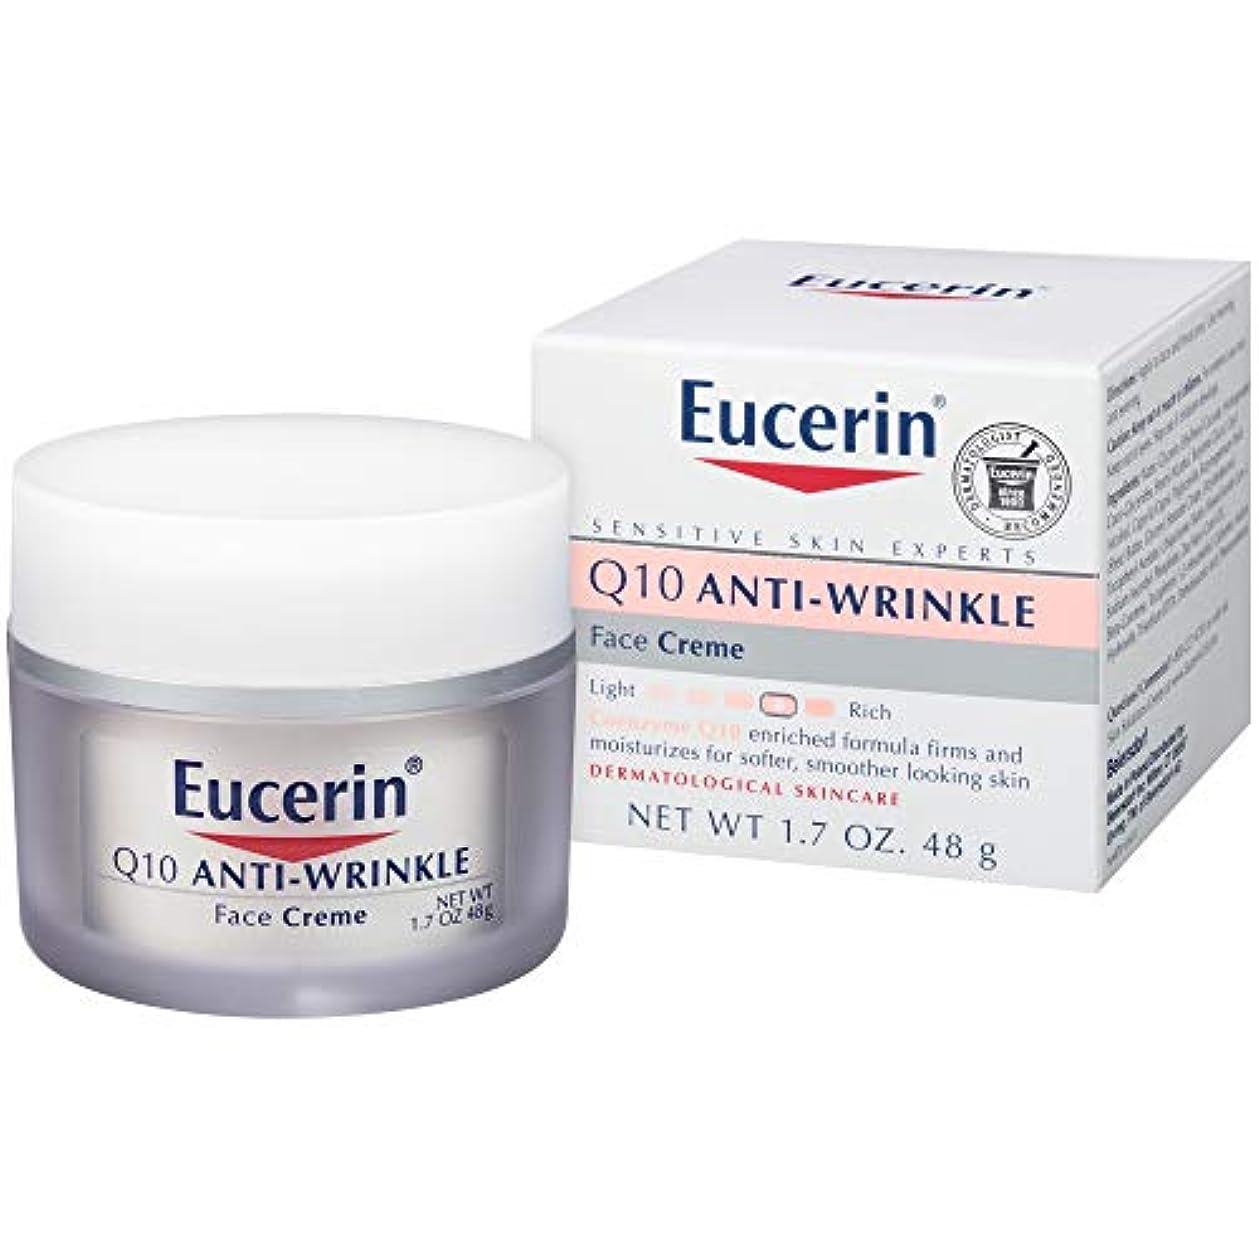 発掘するハンバーガーティーンエイジャーEucerin Sensitive Facial Skin Q10 Anti-Wrinkle Sensitive Skin Creme 48g (並行輸入品)